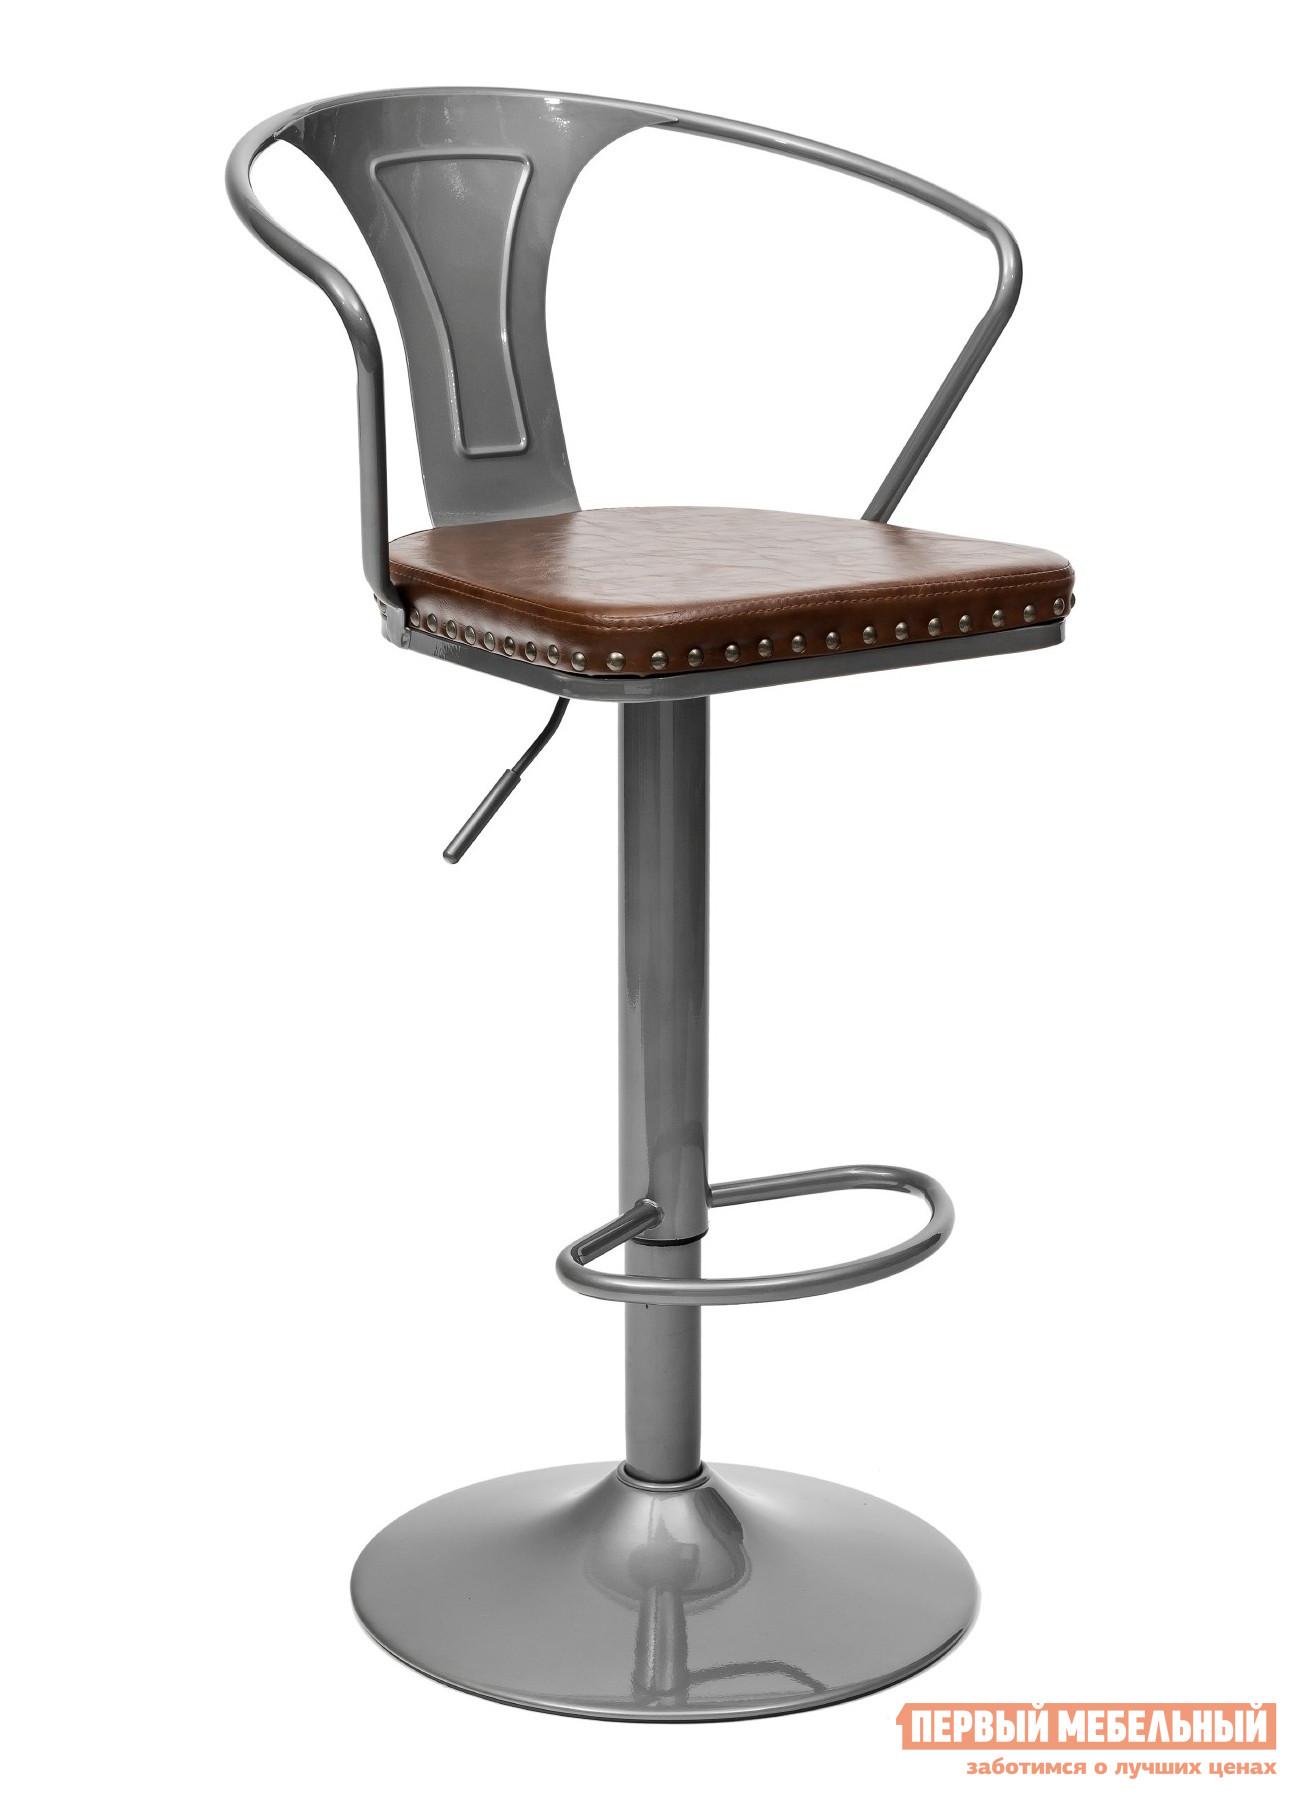 Барный стул с регулируемой высотой Stool Group TOLIX ARMS SOFT F2535L